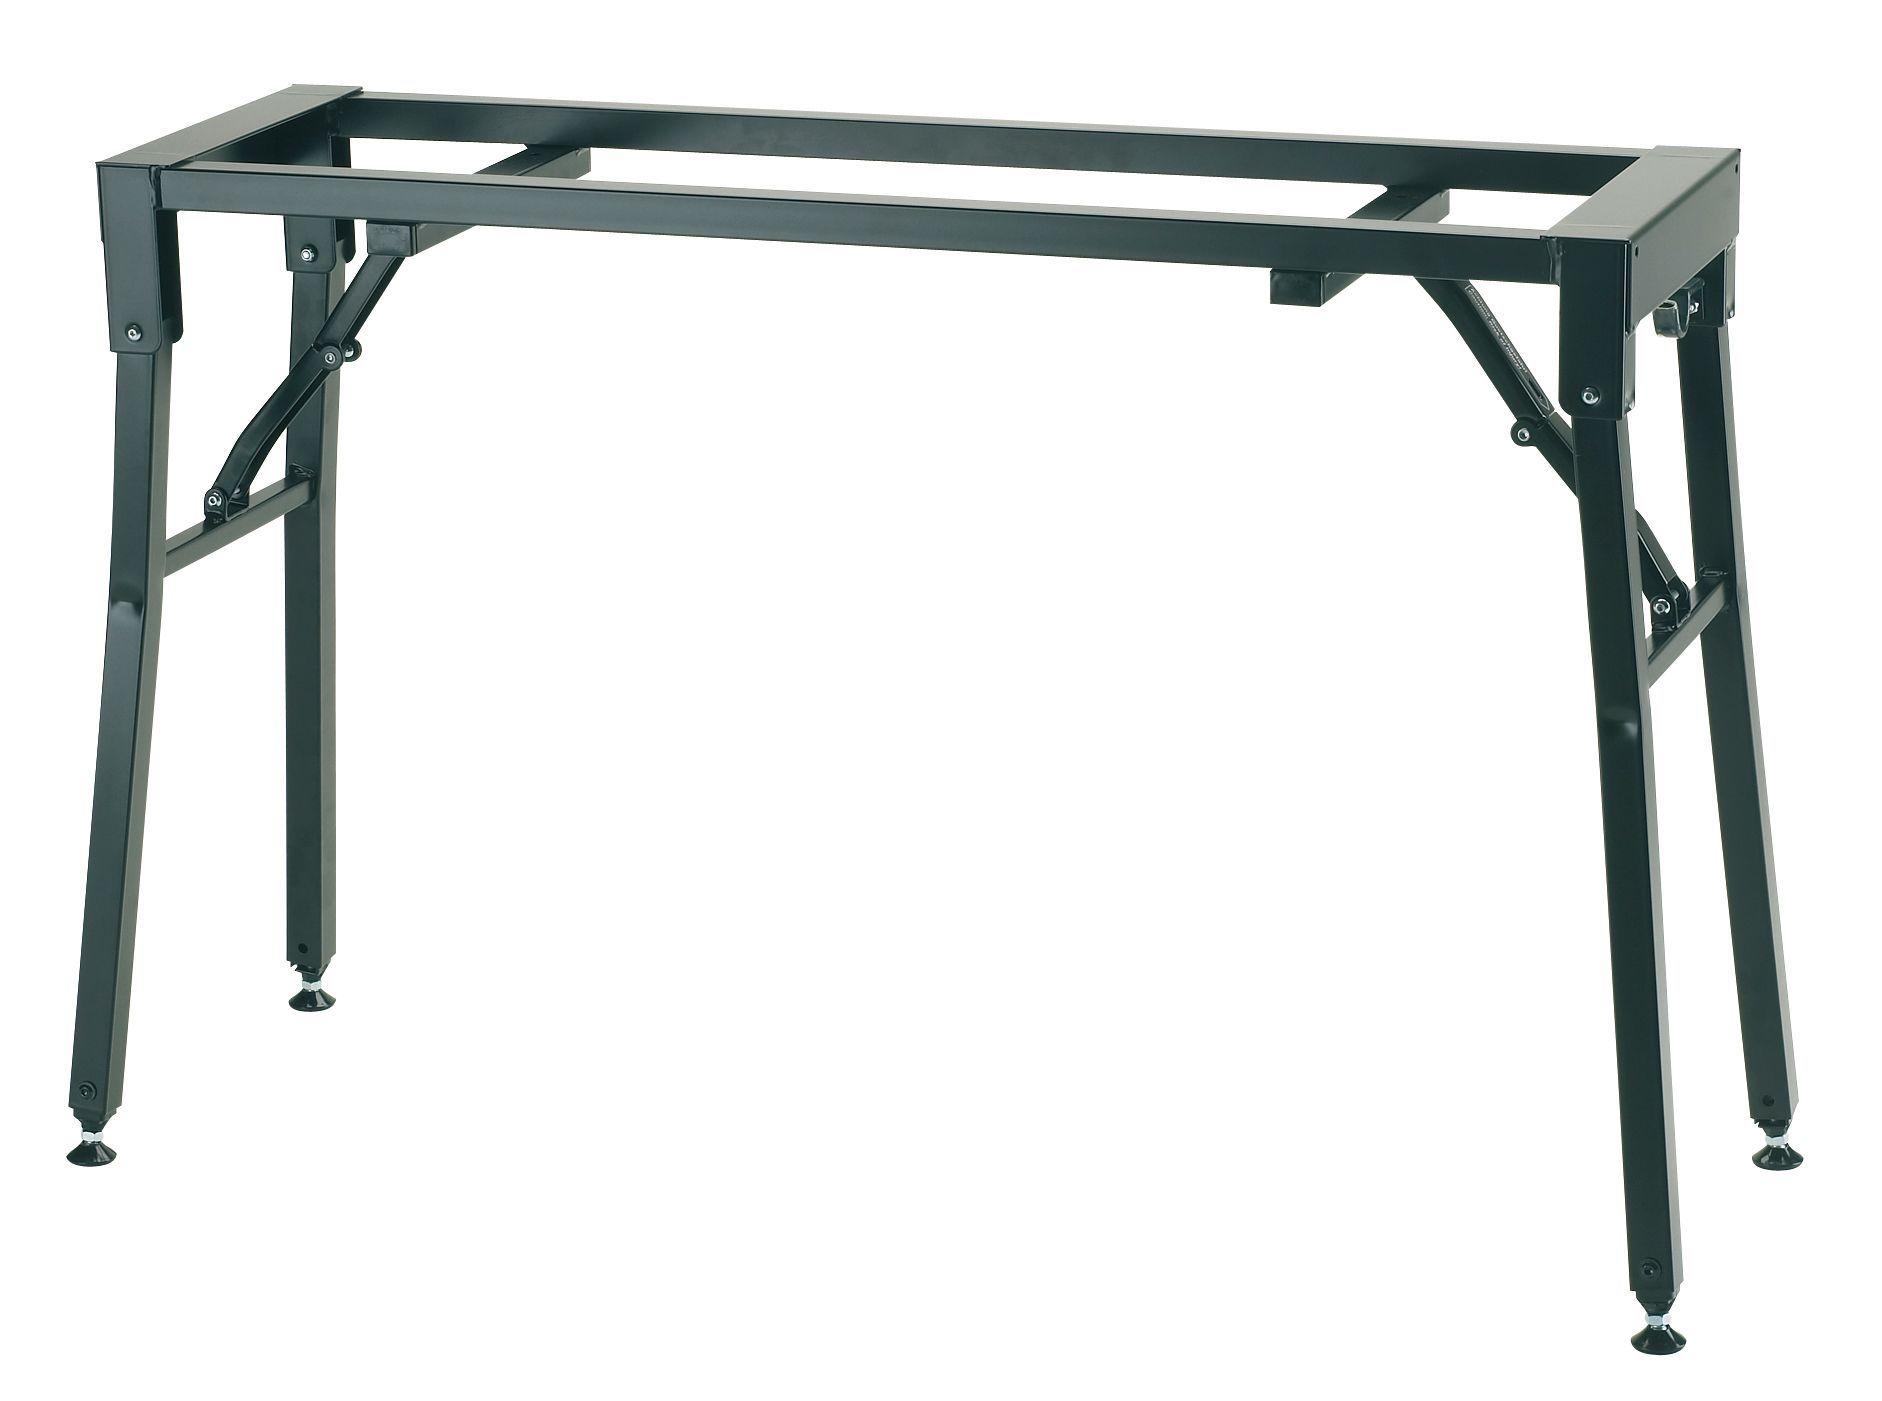 K&M 18953 Klapptisch-Untergestell für Stagepianos, bis 80 kg belastbar,